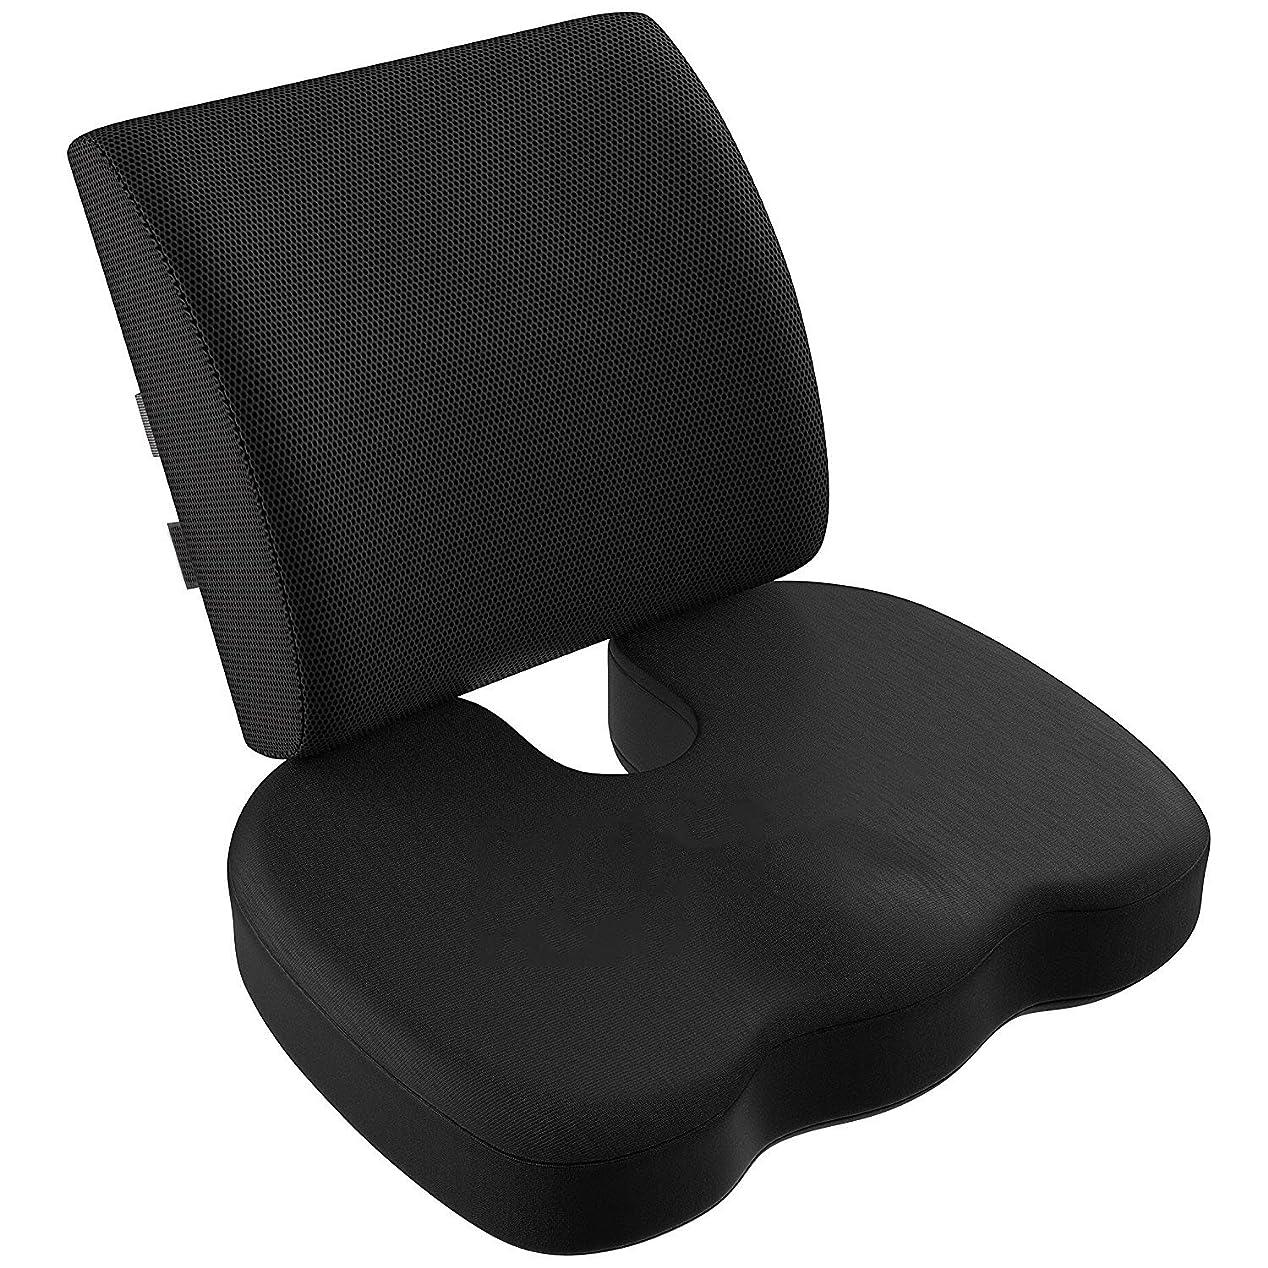 タワーエンジニアリング以前はVIXA 低反発クッション セット ヘルスケア 座布団 背もたれ 腰痛 腰まくら クッション 坐骨神経痛 姿勢矯正 骨盤サポート オフィス 椅子 車用 (メッシュ)